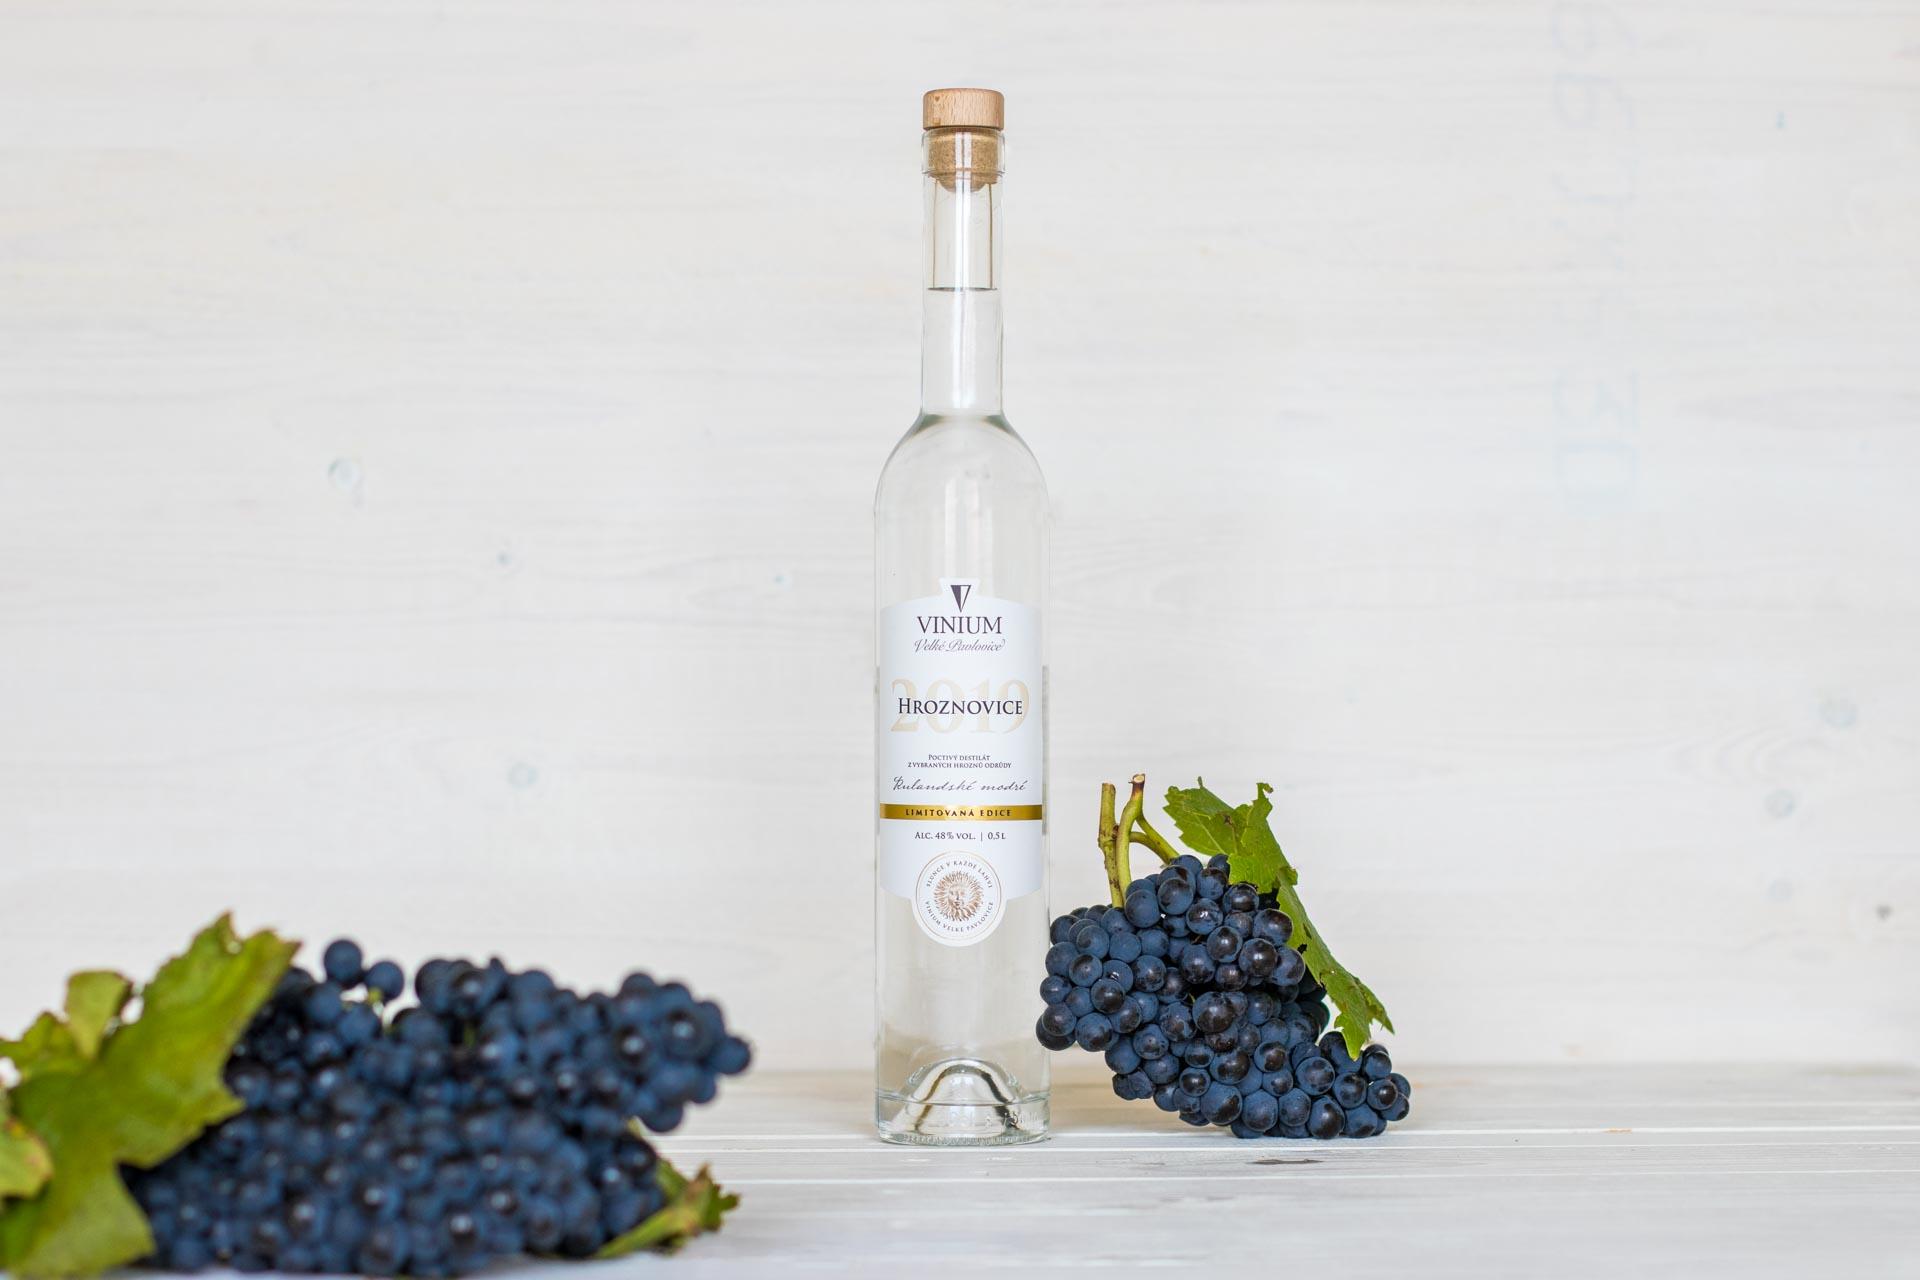 Hroznovice, Rulandské modré, VINIUM Velké Pavlovice, destilát